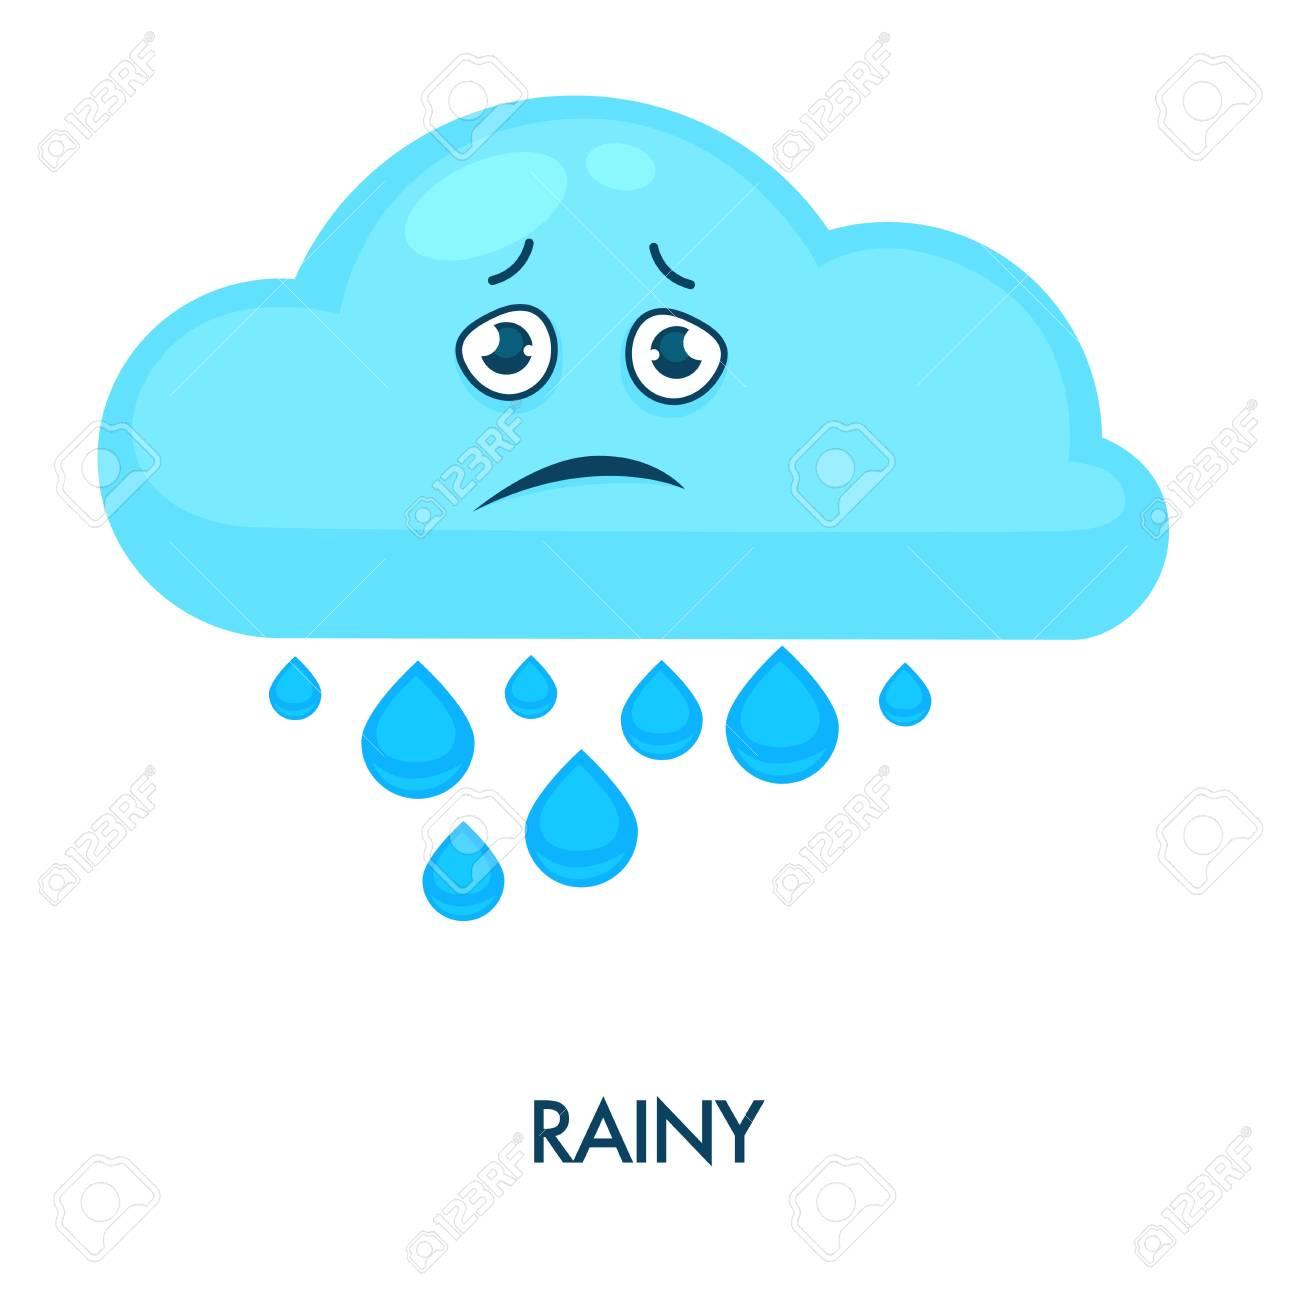 vector transparent Rainy cloud with heavy. Raining clipart face